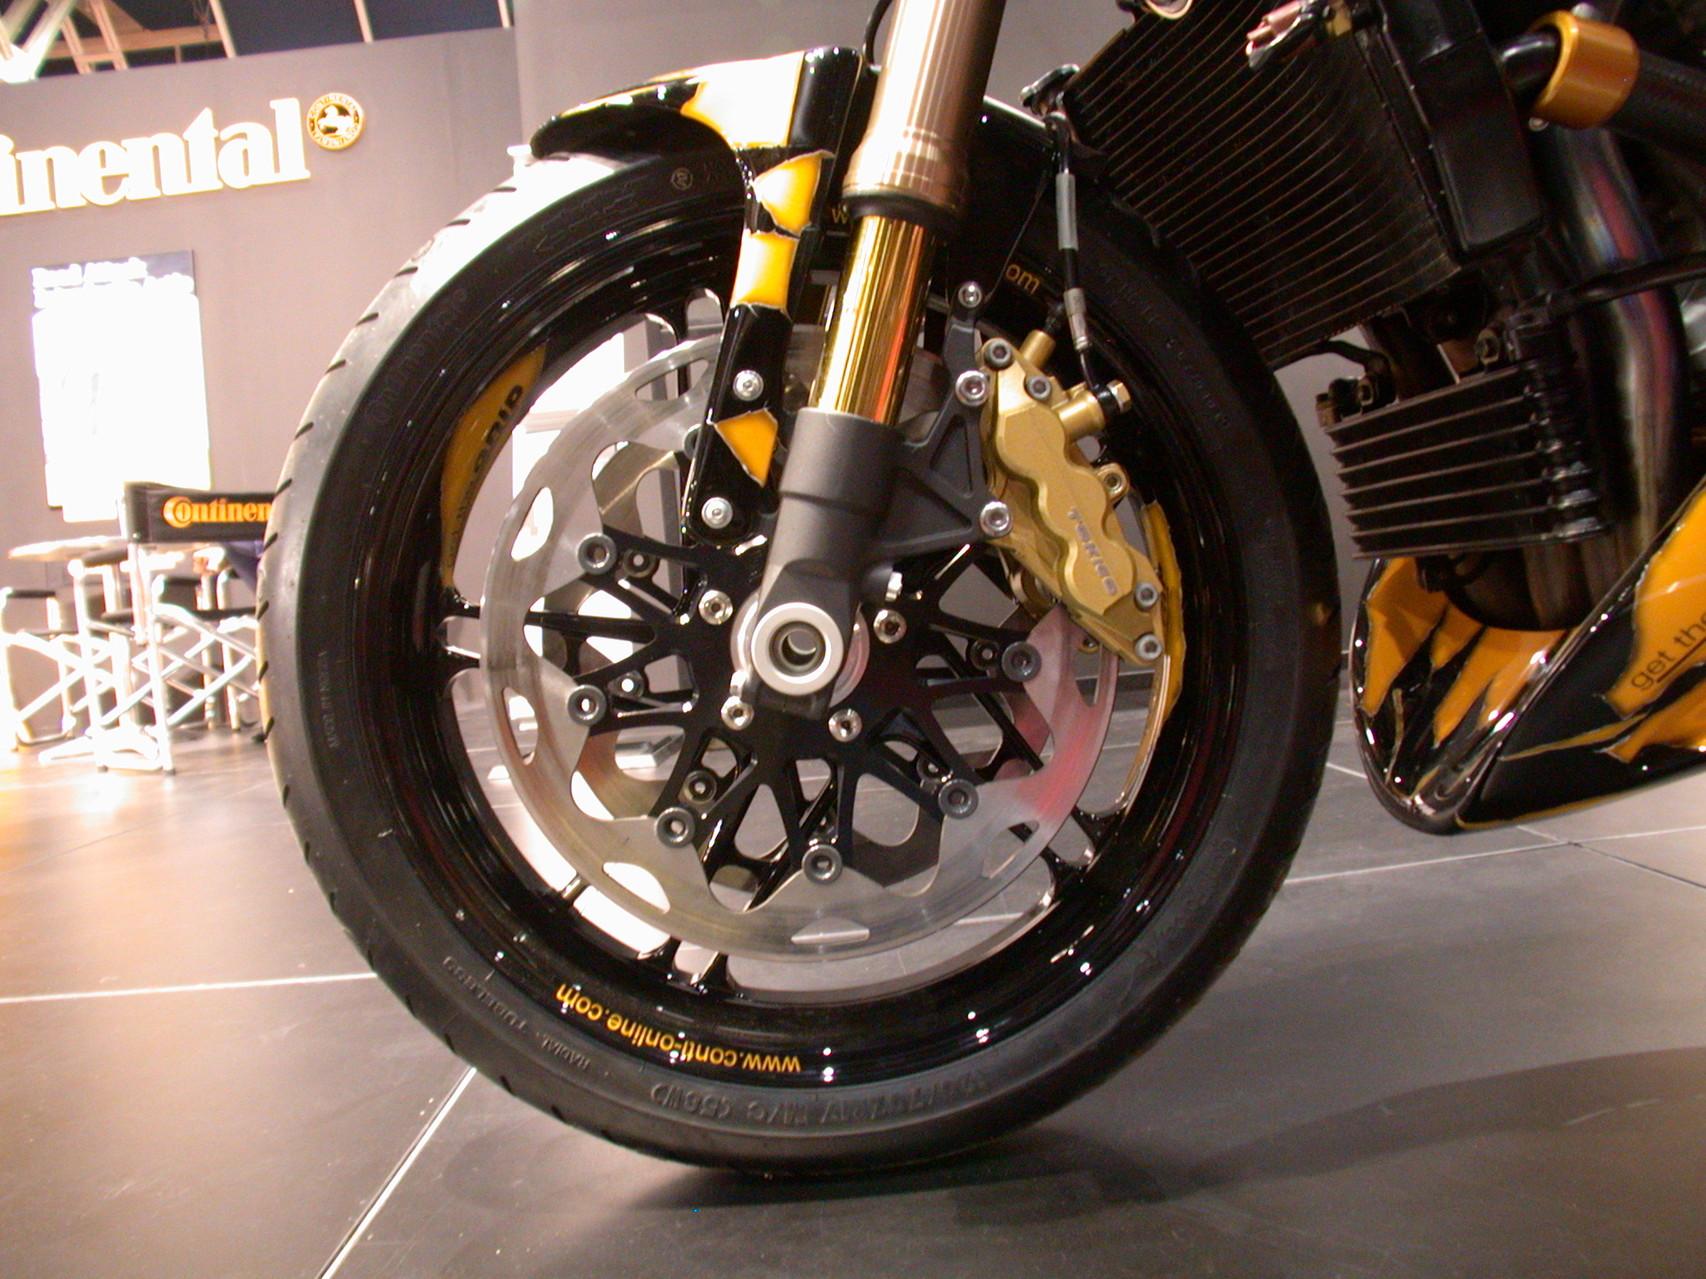 Pratiche e consulenza per cicli e motocicli